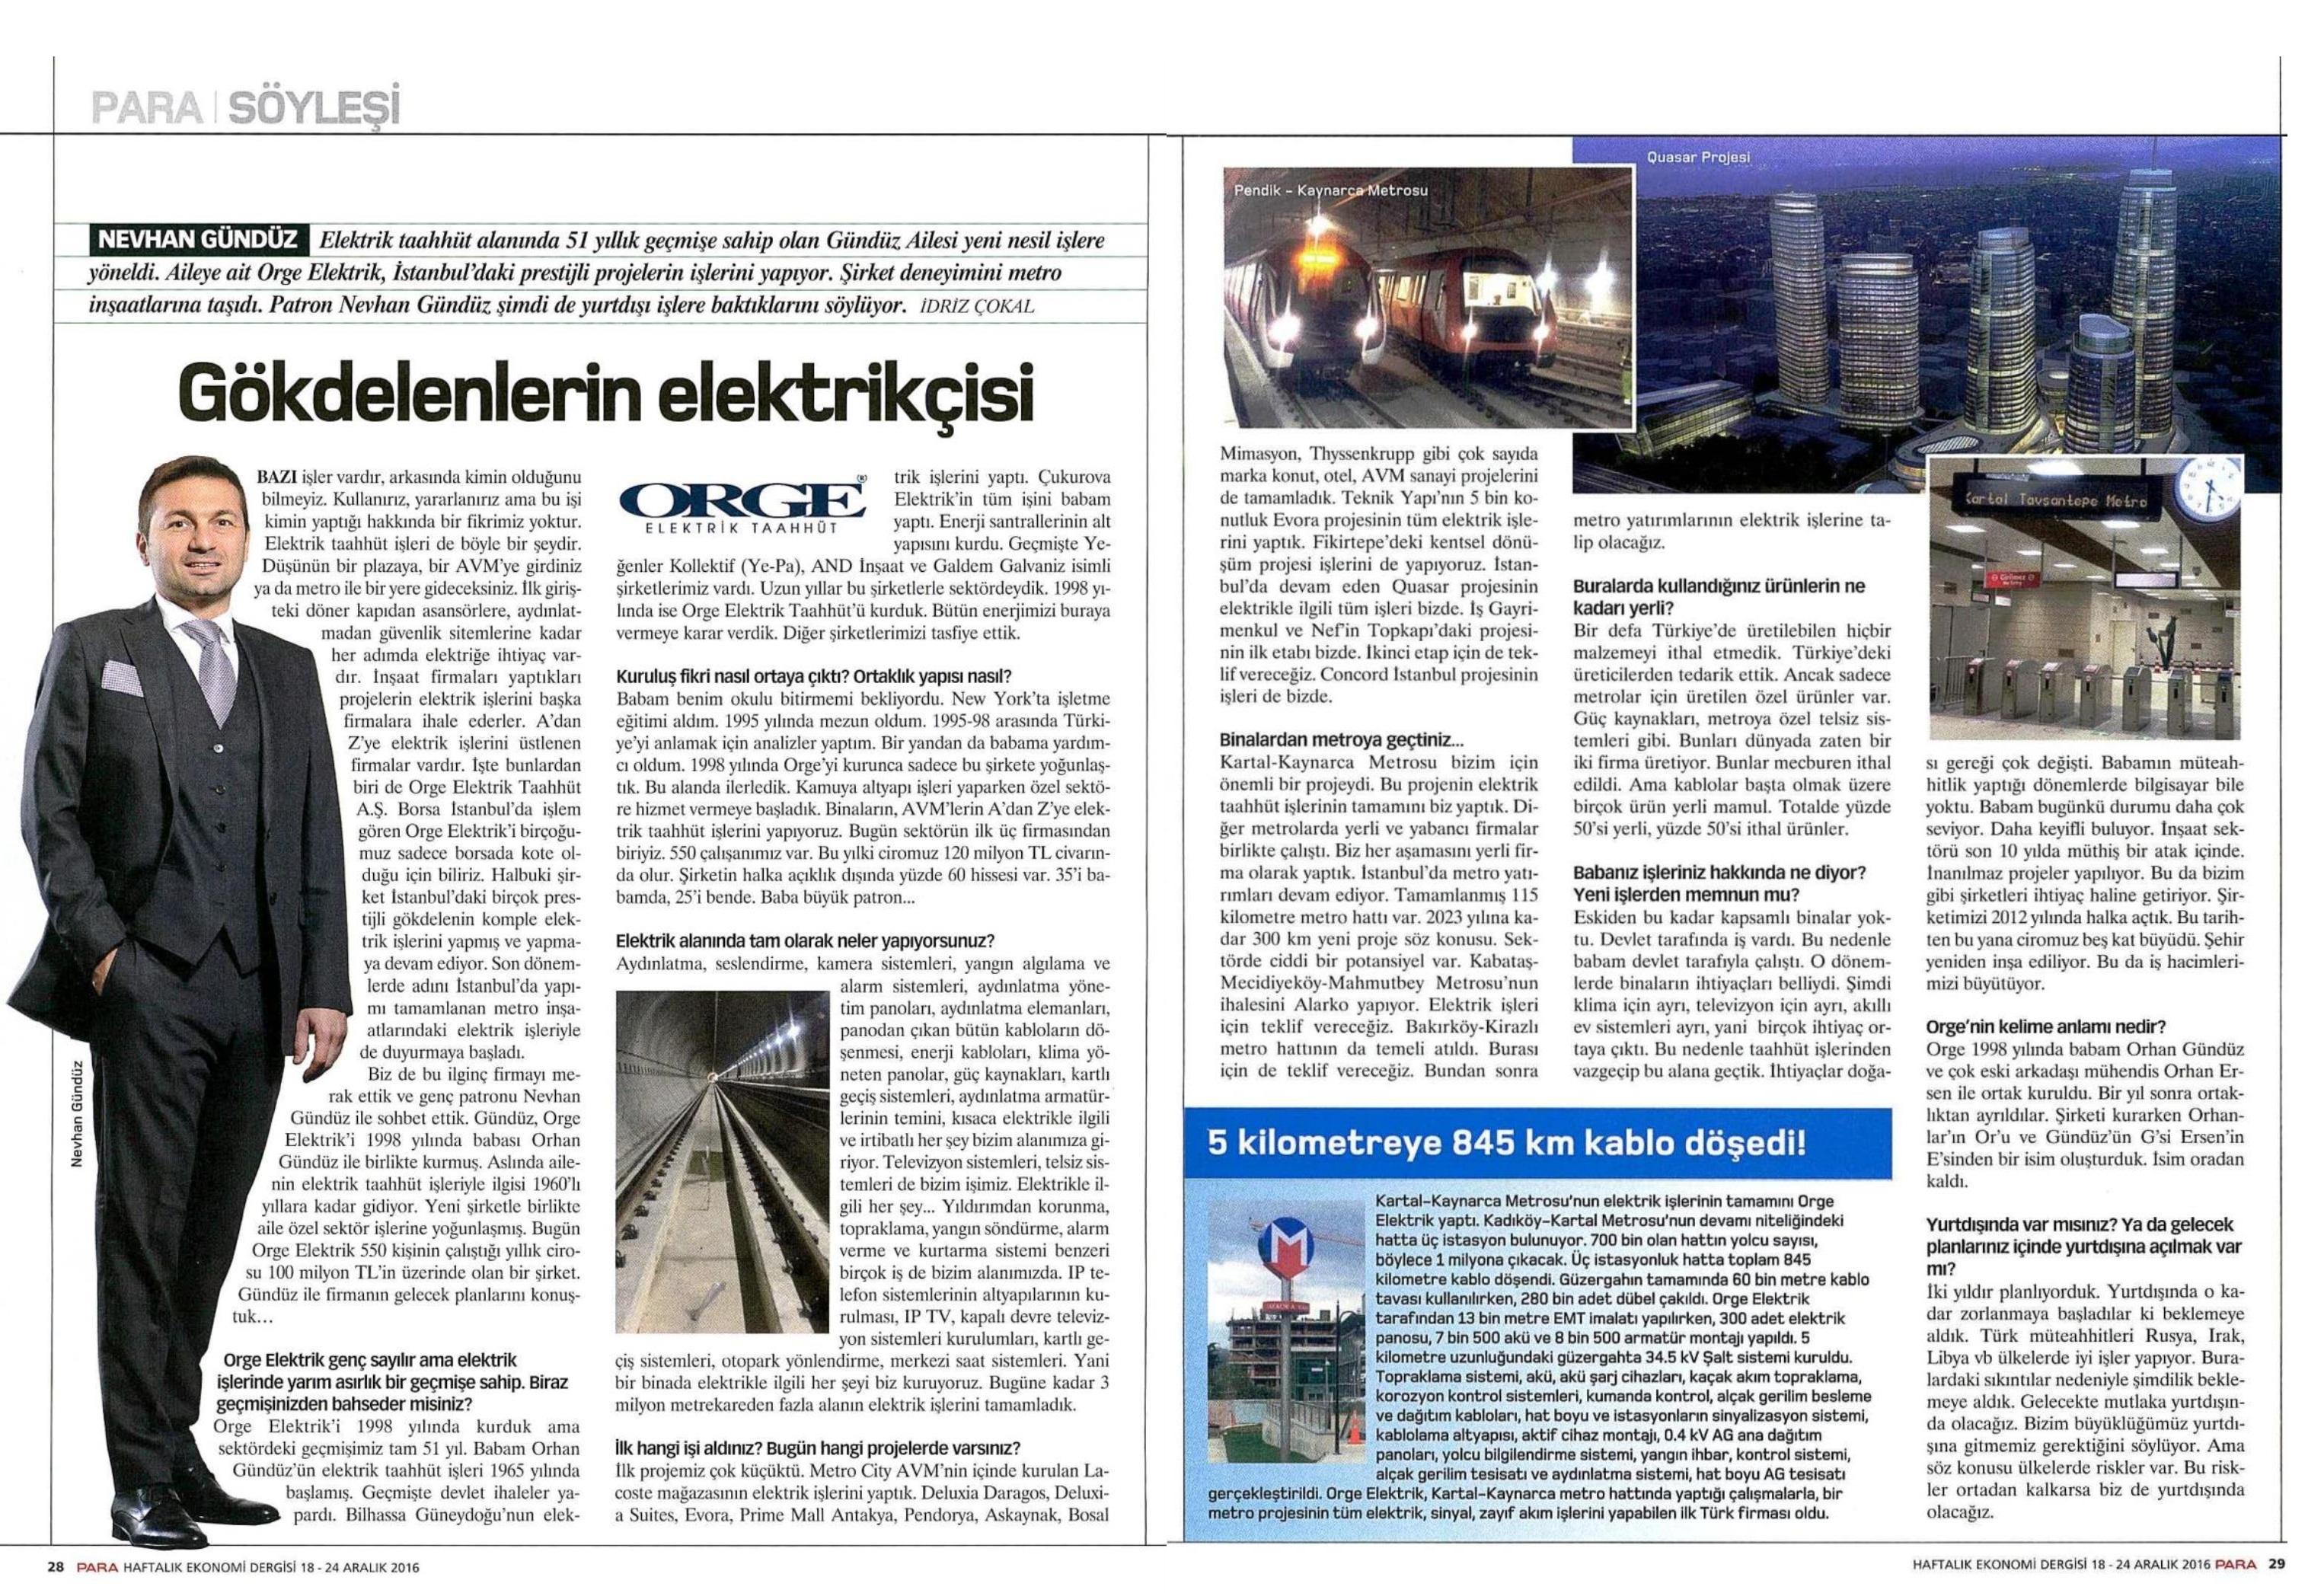 Para Dergisi'nin bu haftaki sayısında, CEO'muz Nevhan Gündüz ile yapılan söyleşi yer aldı.